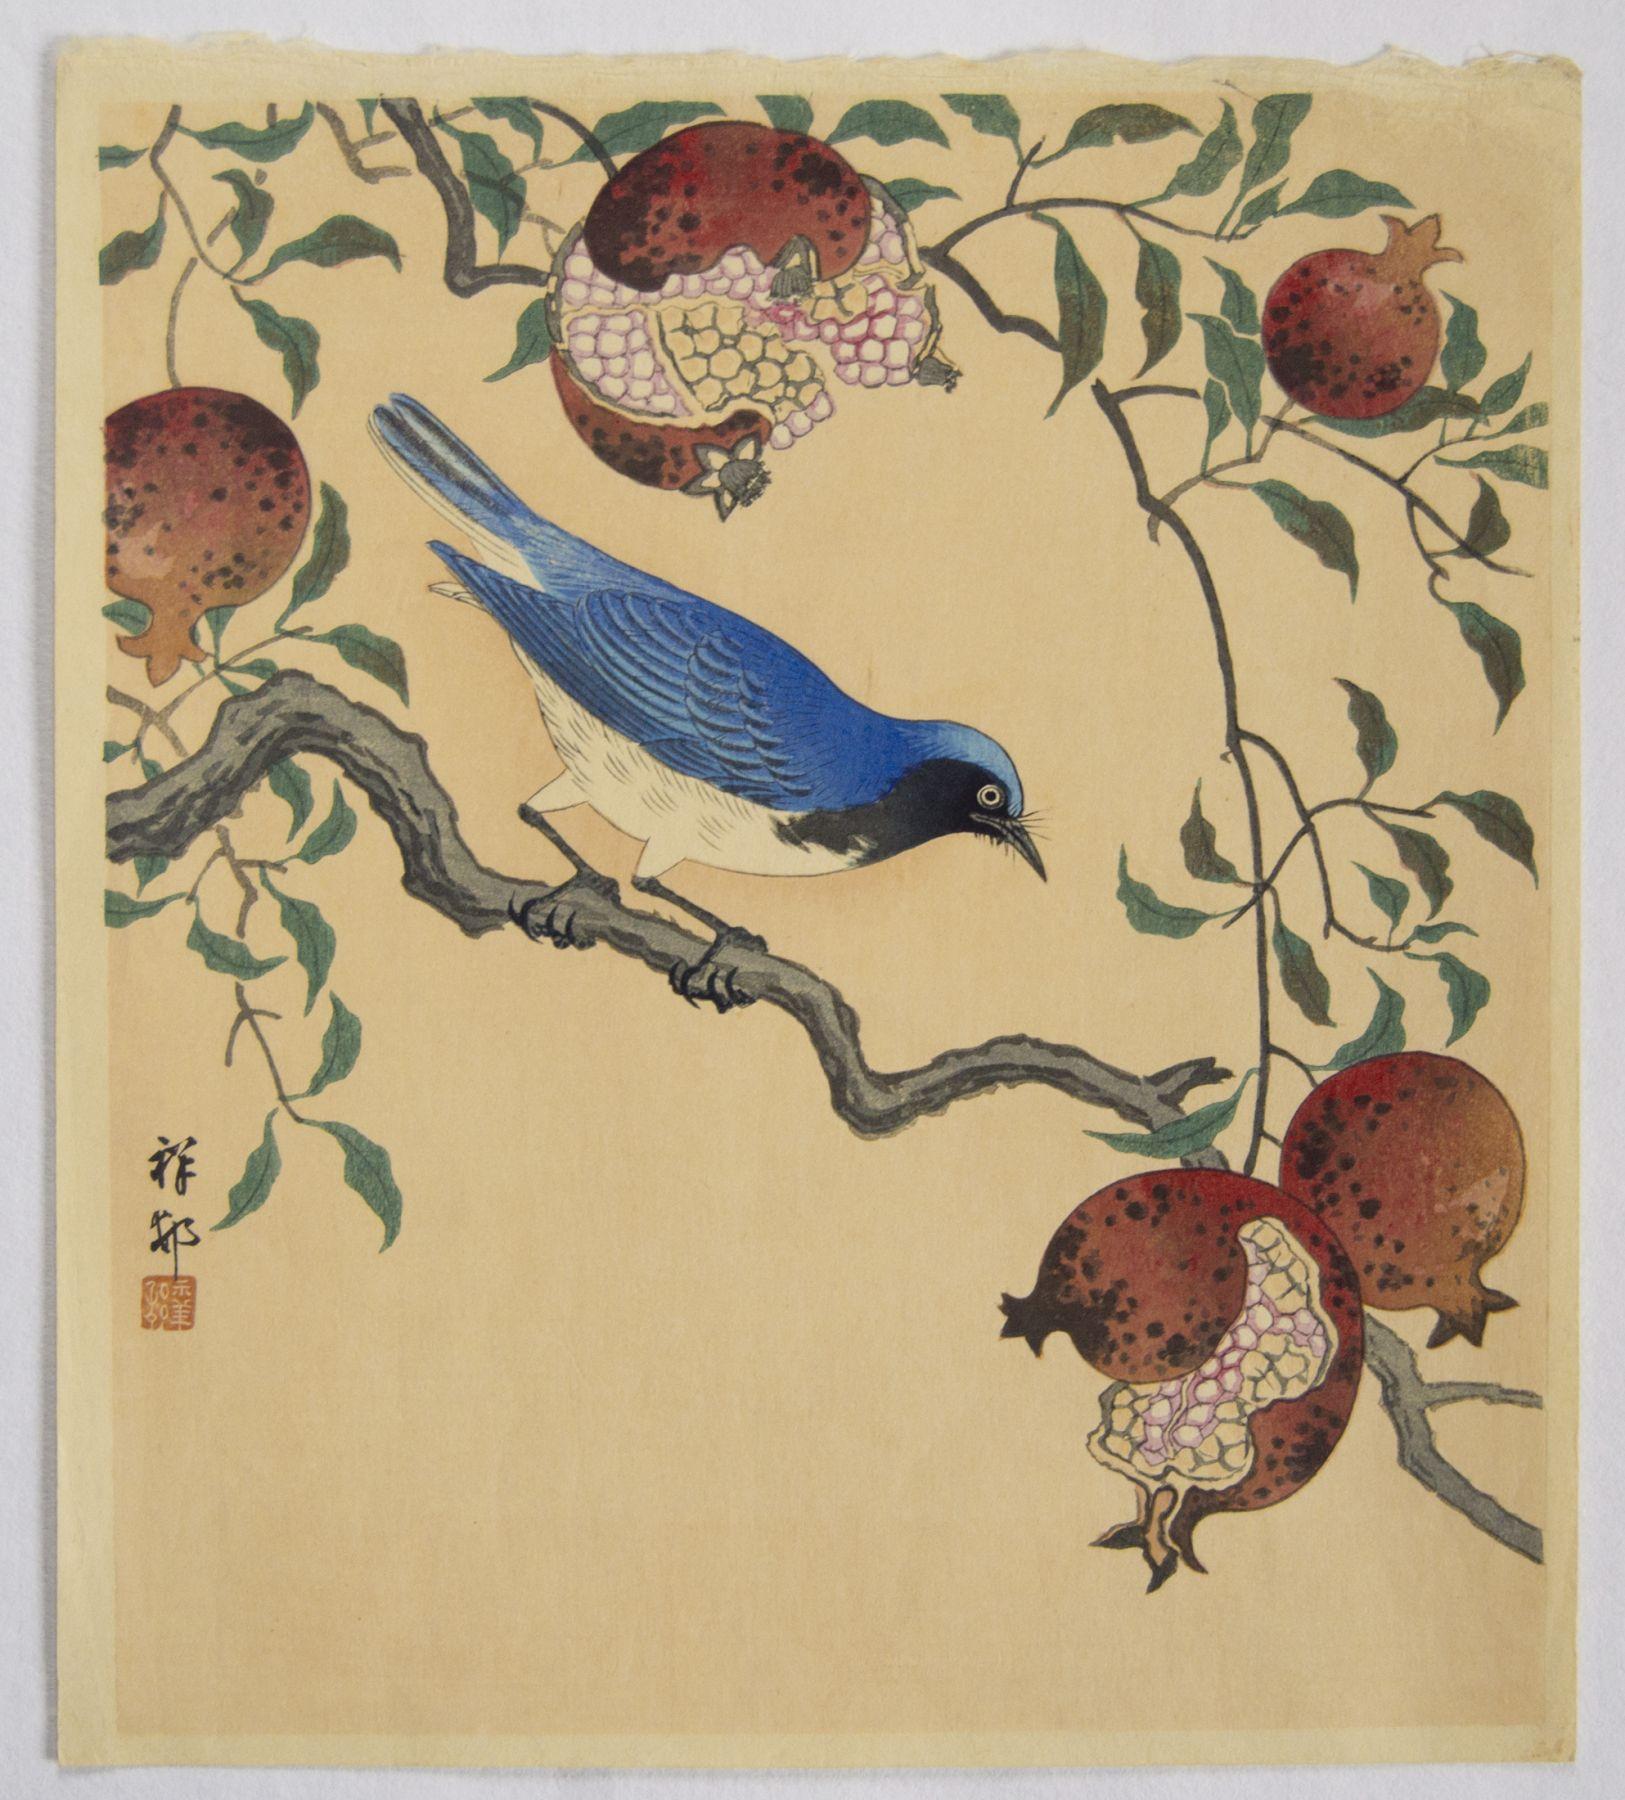 Ohara Koson (1877-1945), Blue and white flycatcher on a pomegranate branch